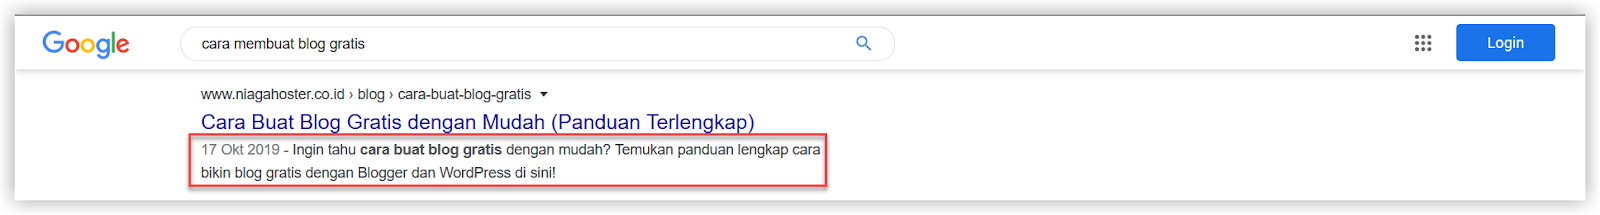 Penerapan algoritma Google Snippet Length Drop